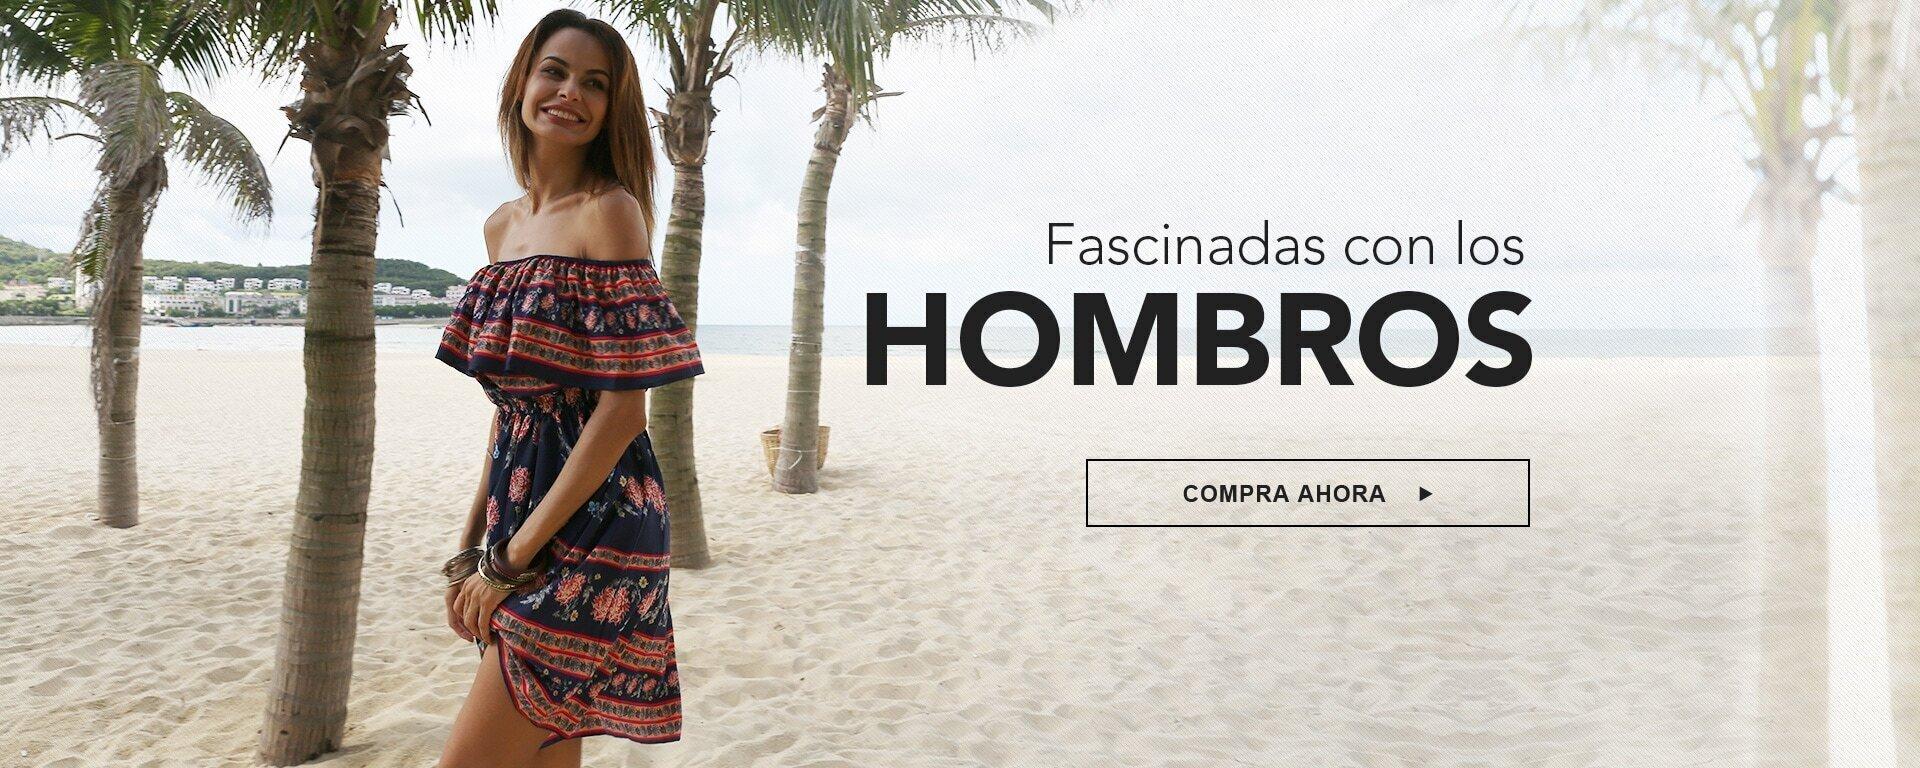 FASCINADAS CON LOS HOMBROS